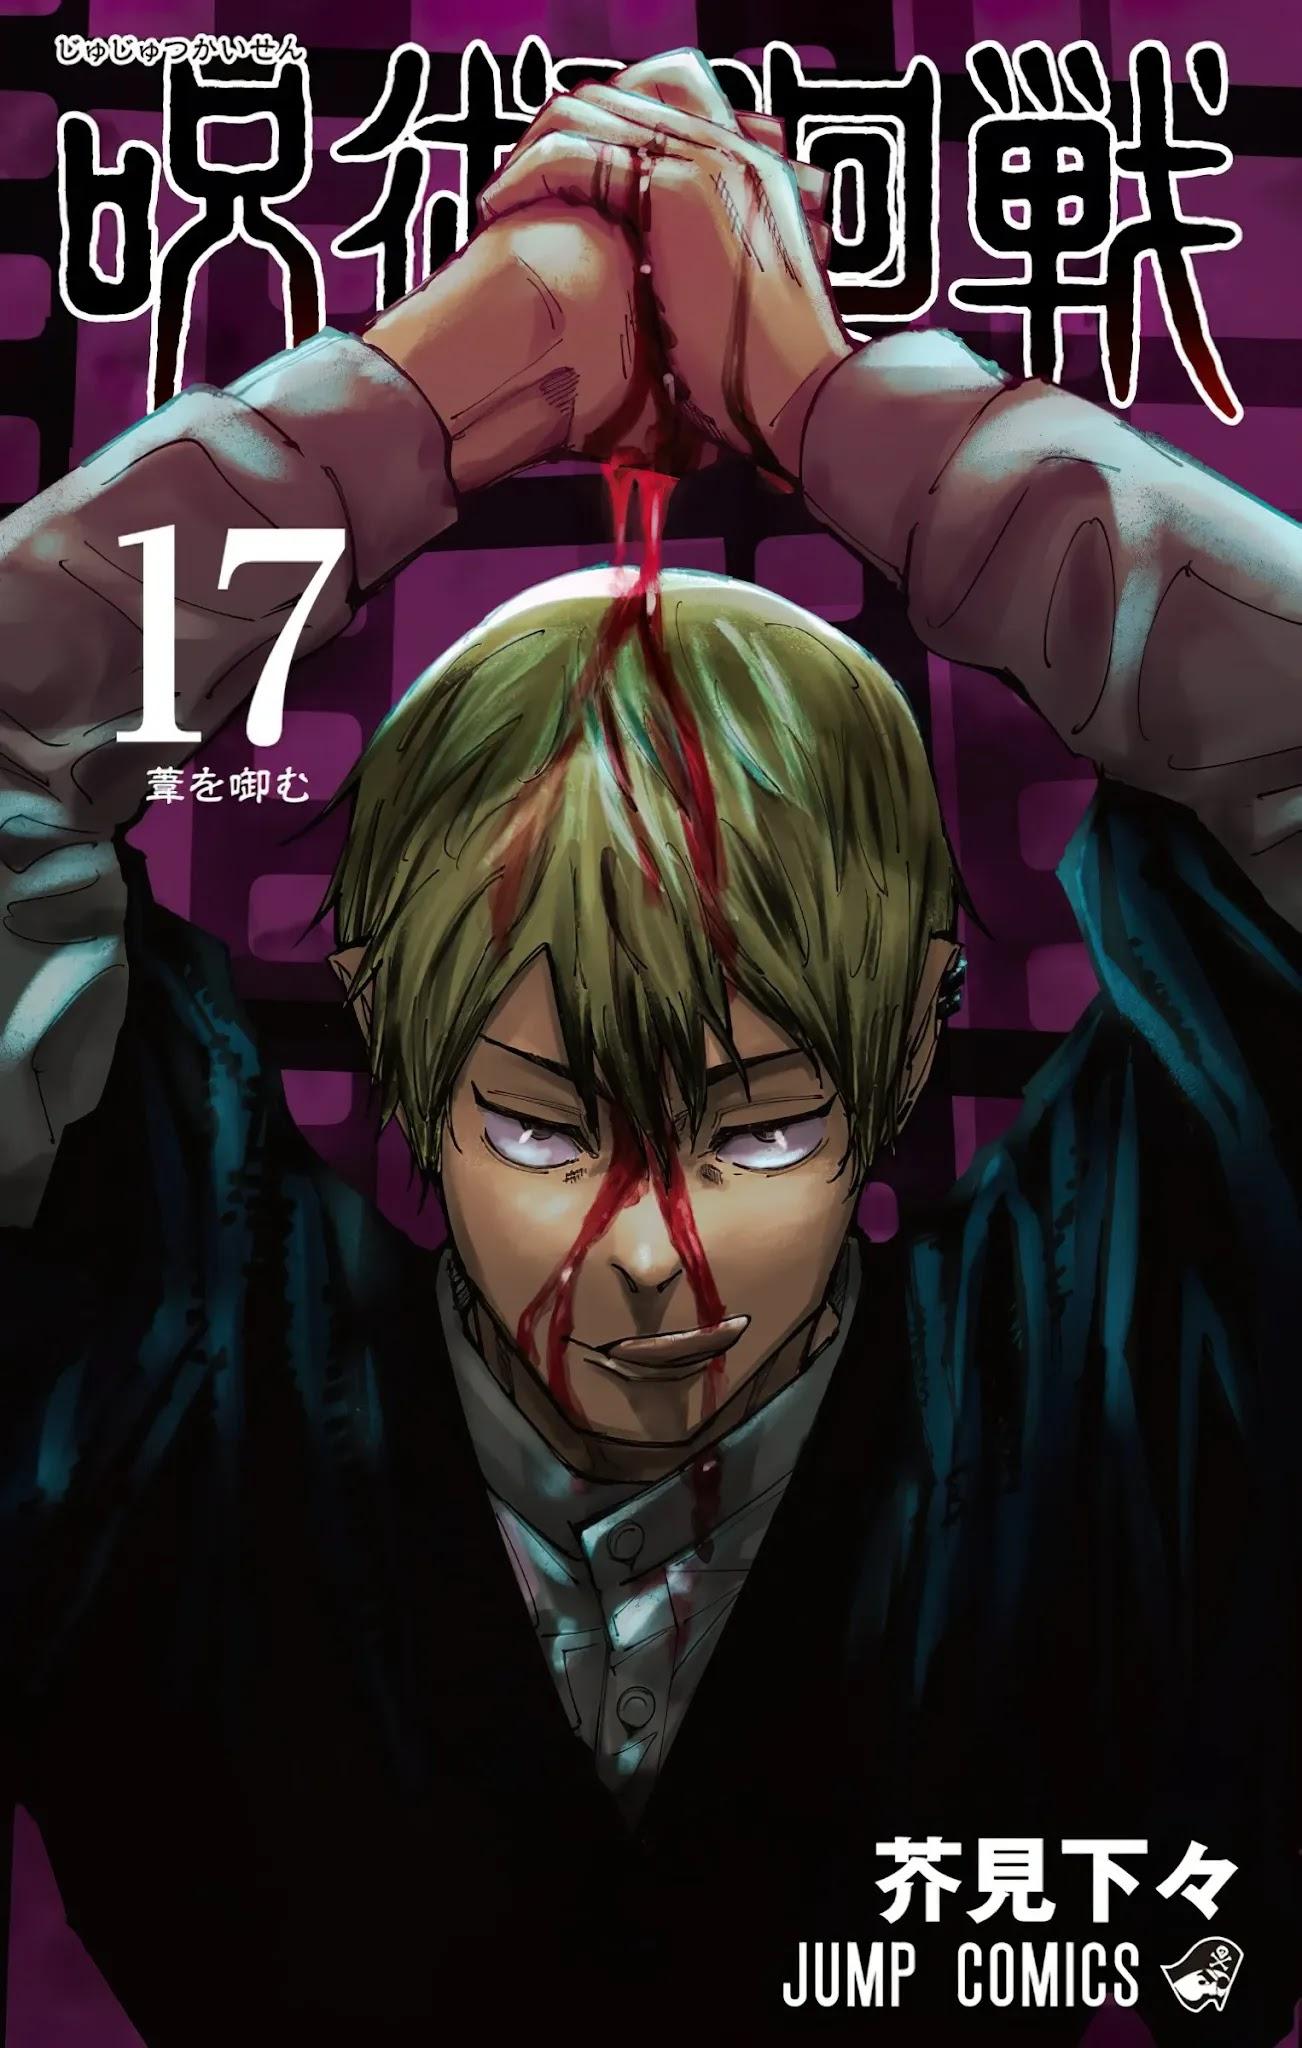 Manga de Jujutsu Kaisen revela a capa do 17ª volume